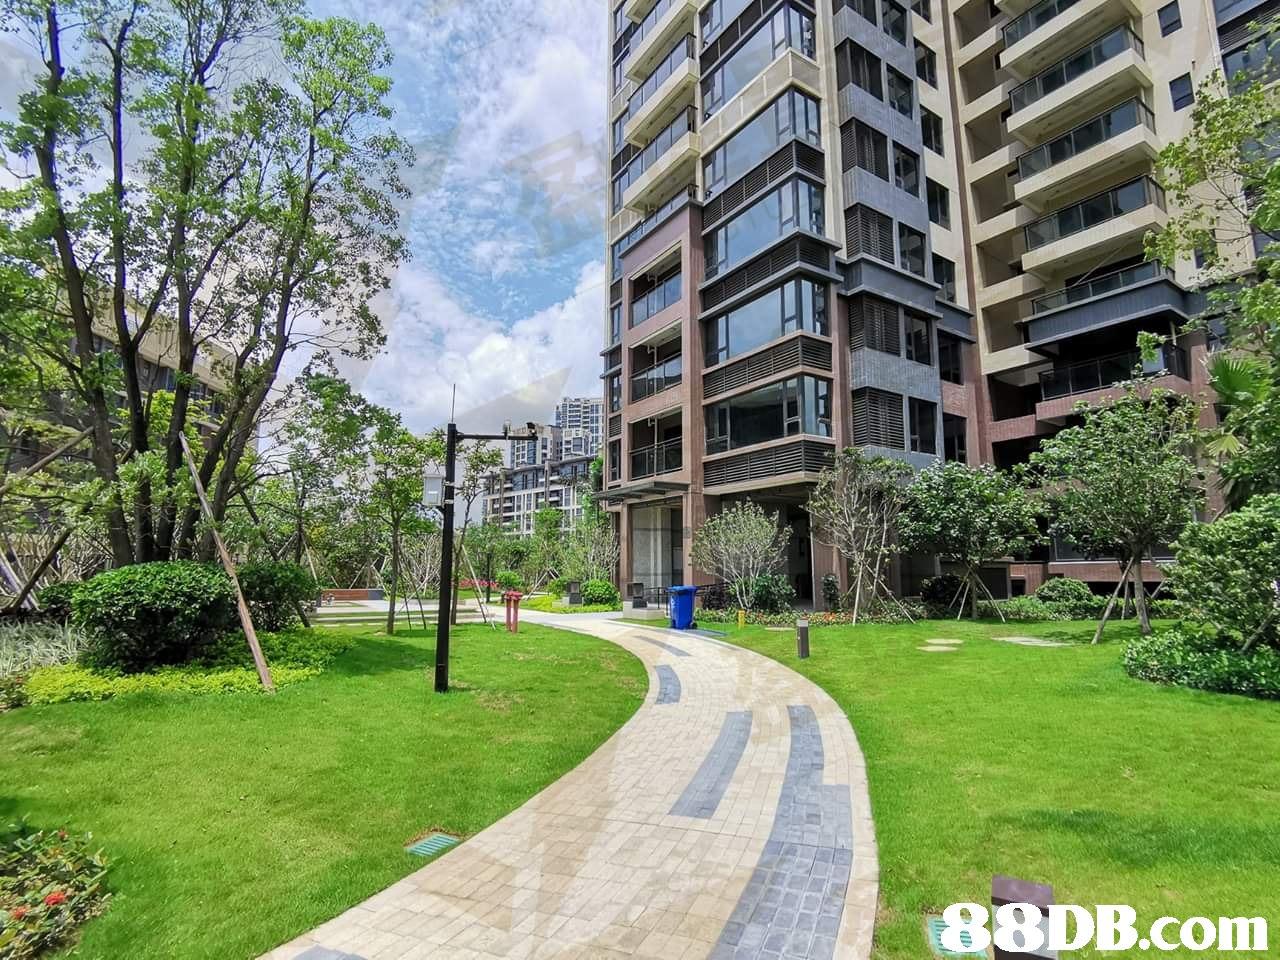 Condominium,Property,Building,Real estate,Residential area